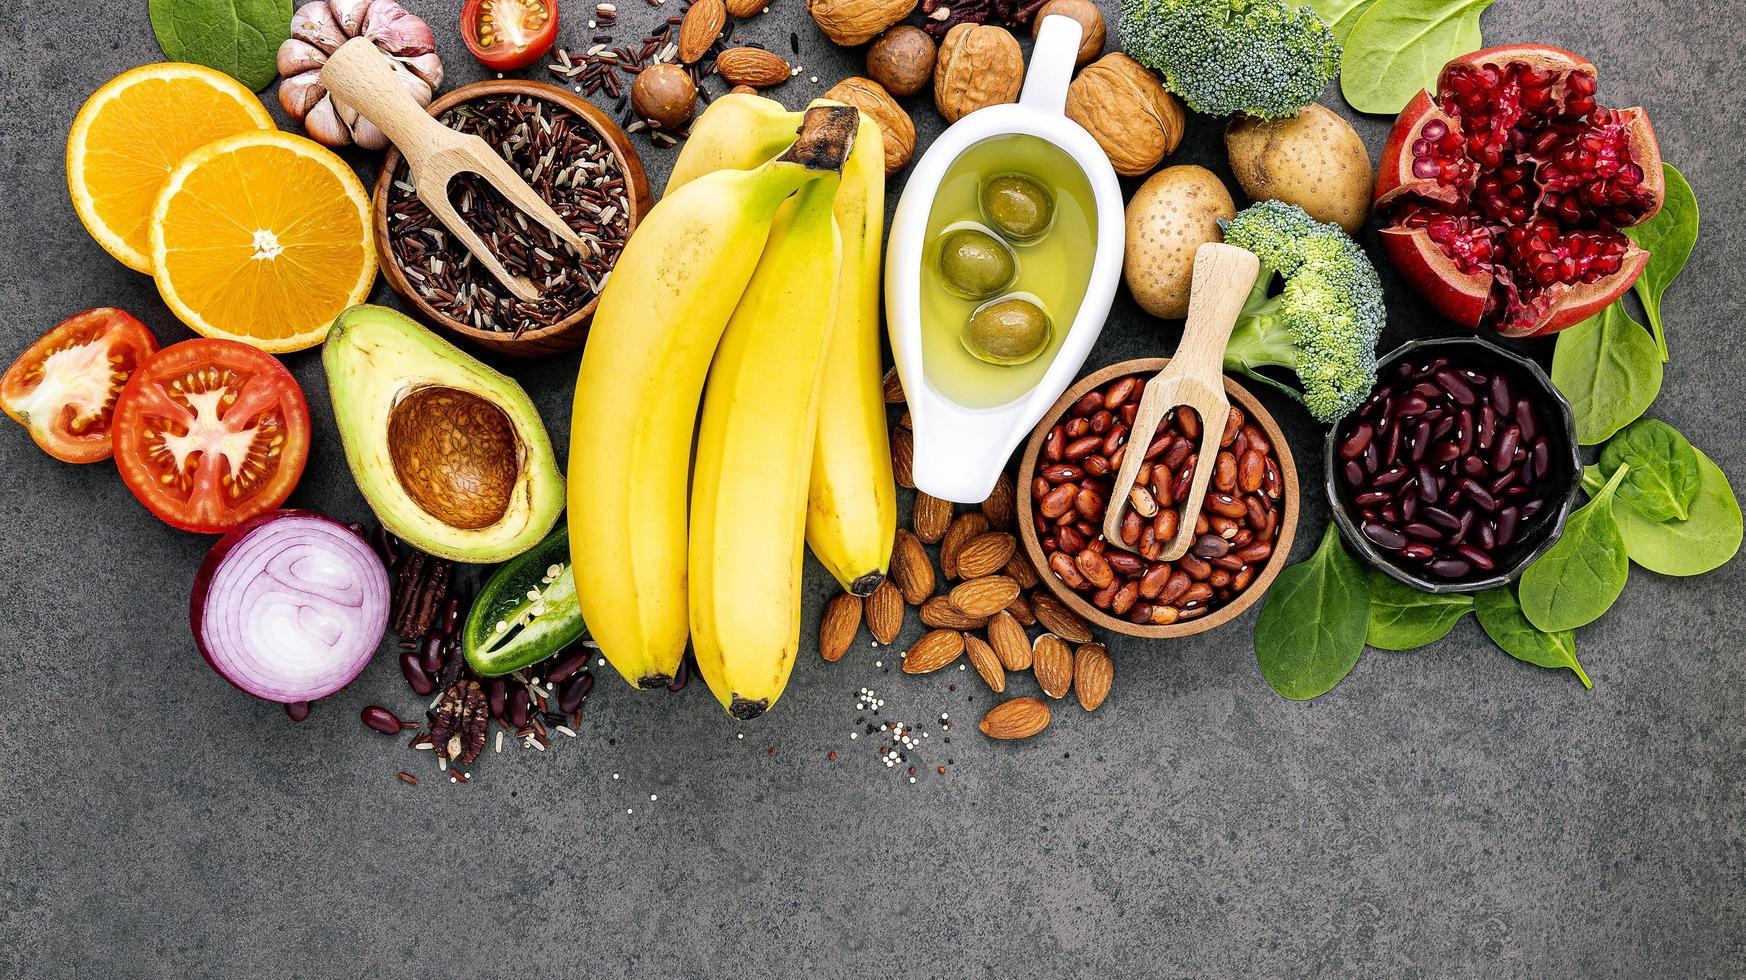 Organic fresh foods photo